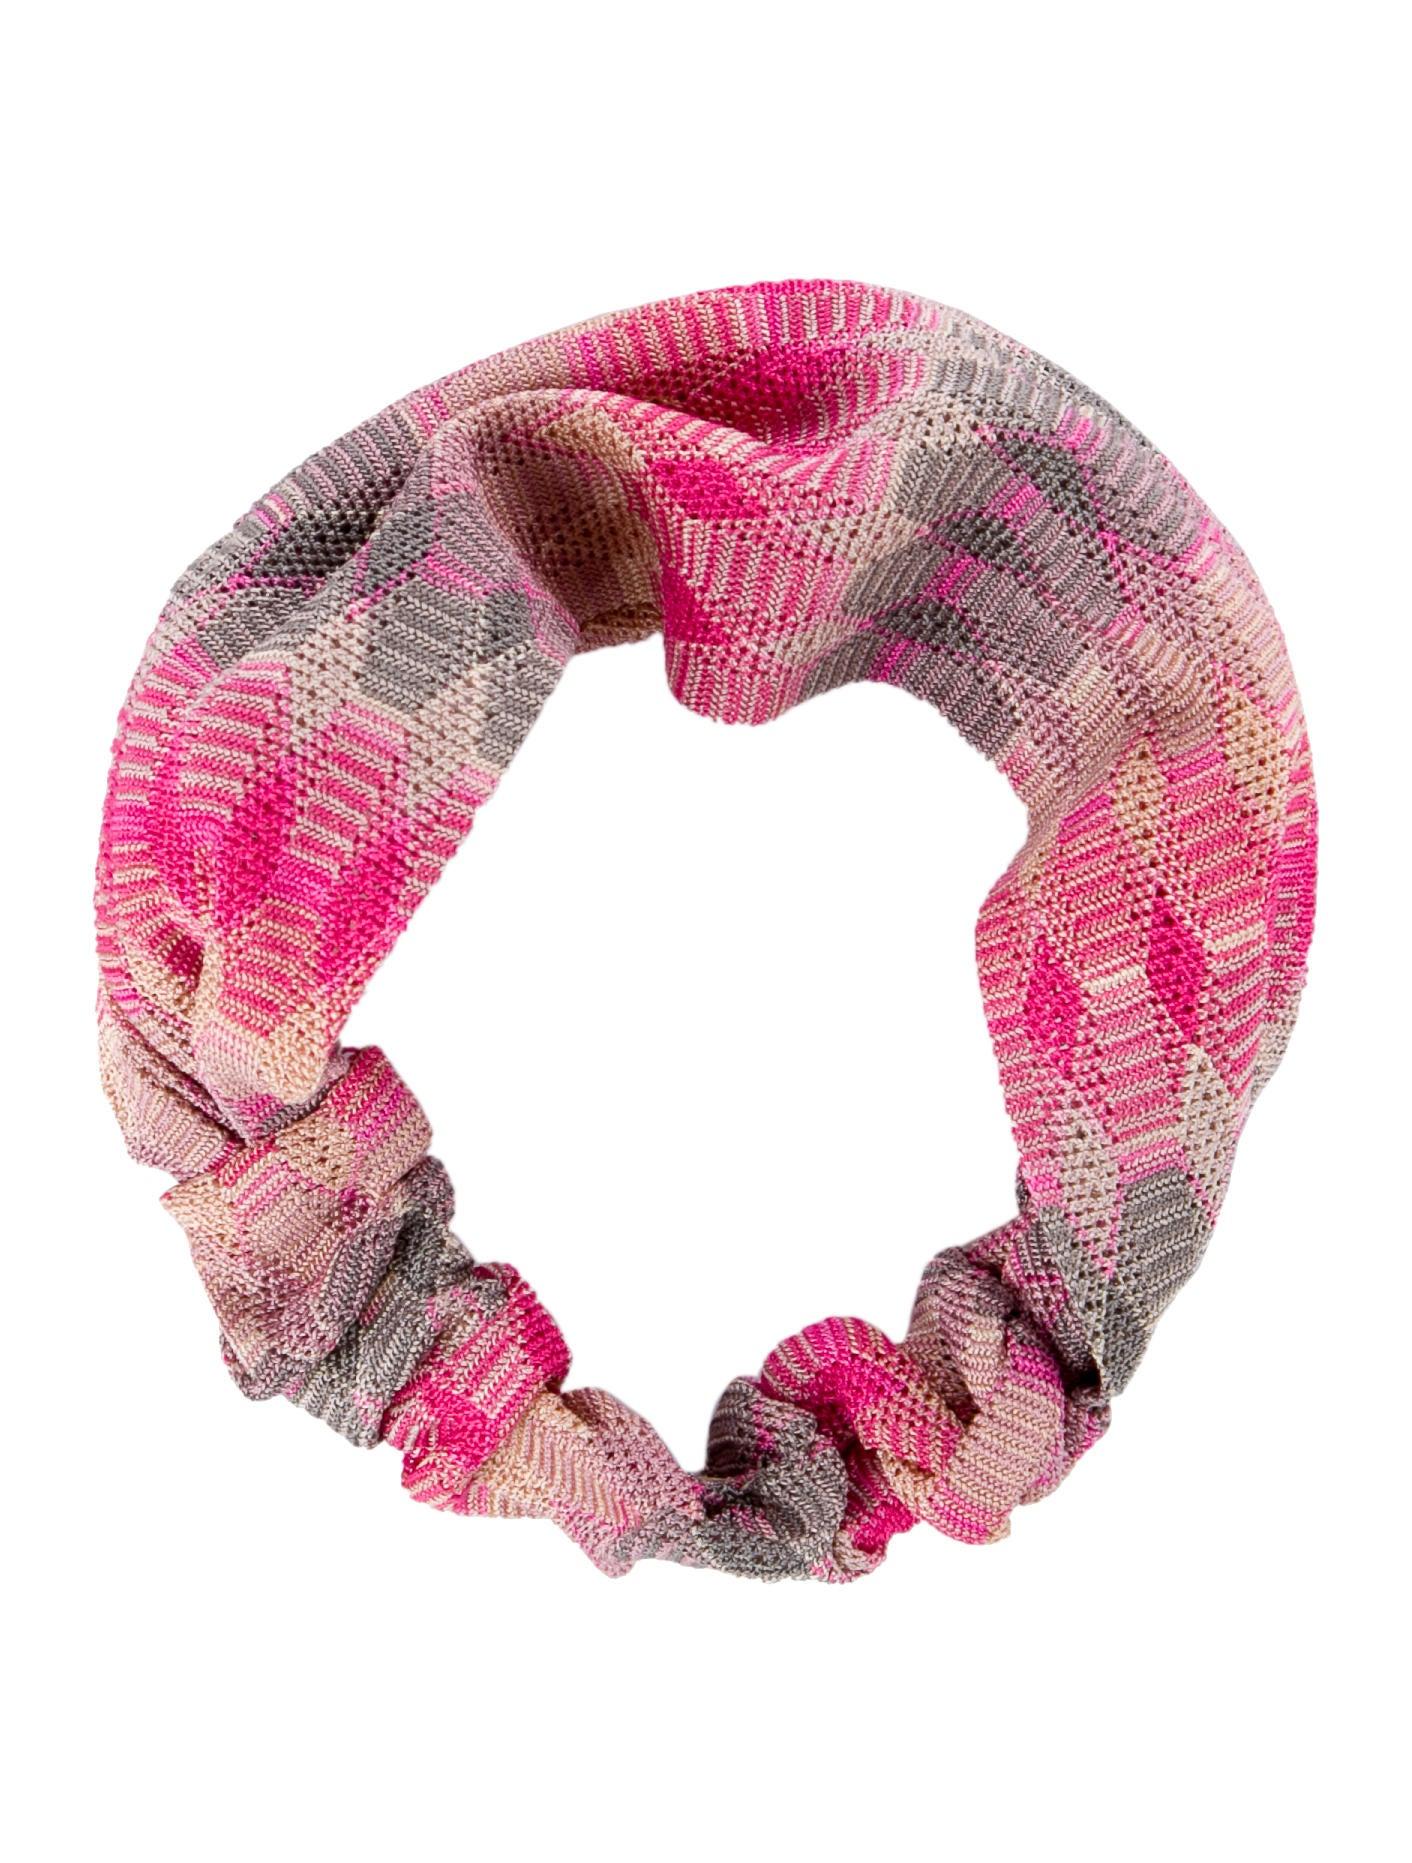 knitted patterned headband - Pink & Purple Missoni GflOk